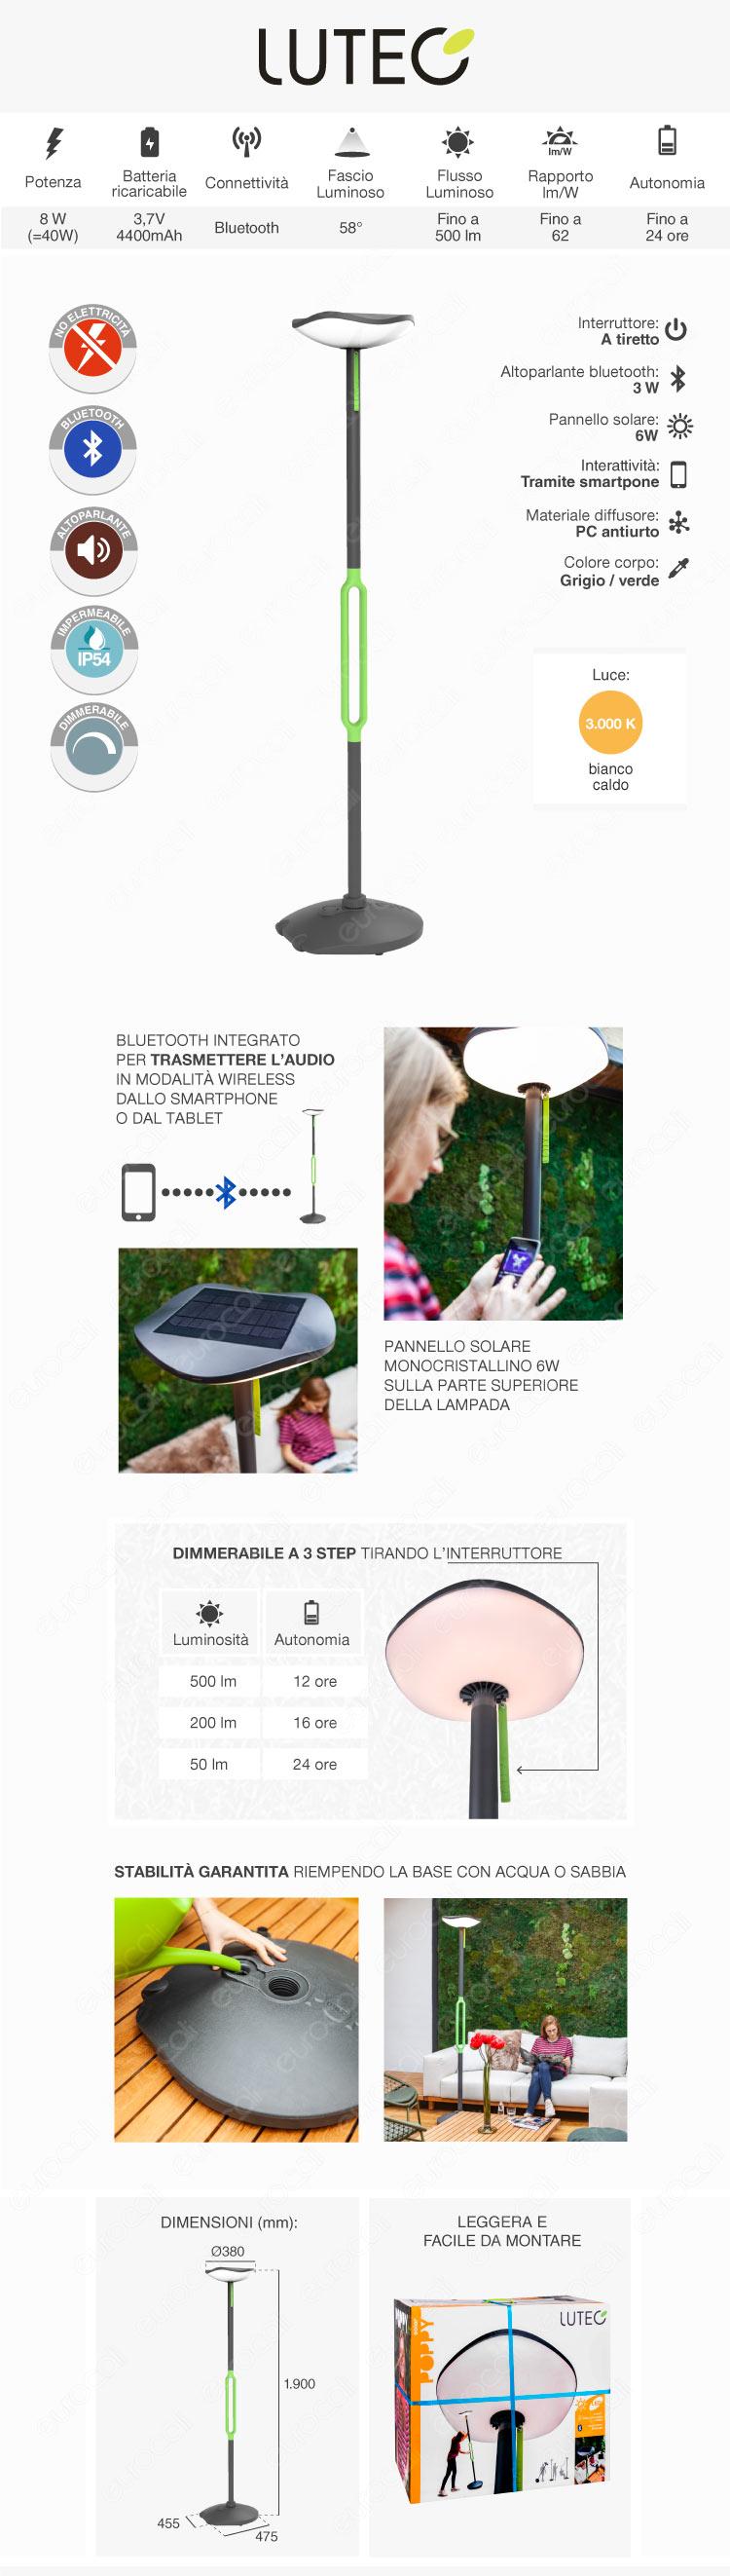 Lutec Poppy Lampada LED da Terra 8W con Pannello Solare e Speaker Bluetooth